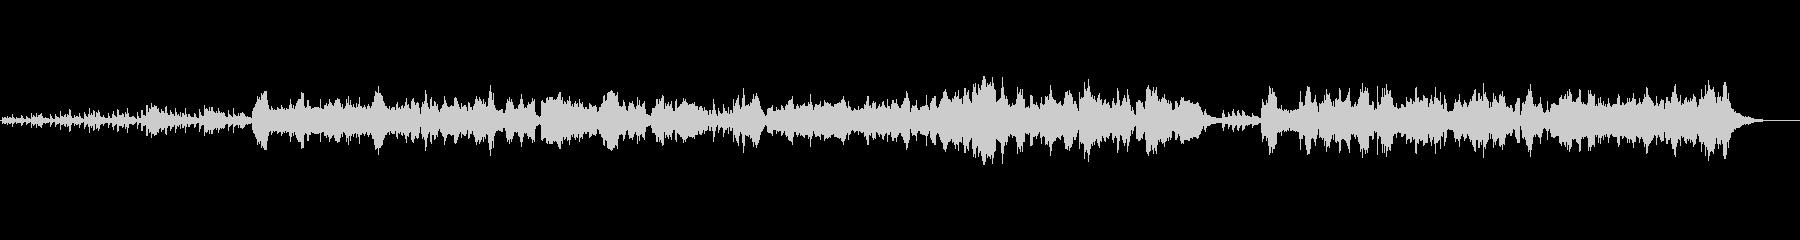 ピアノとヴァイオリンで「菊」を表現の未再生の波形